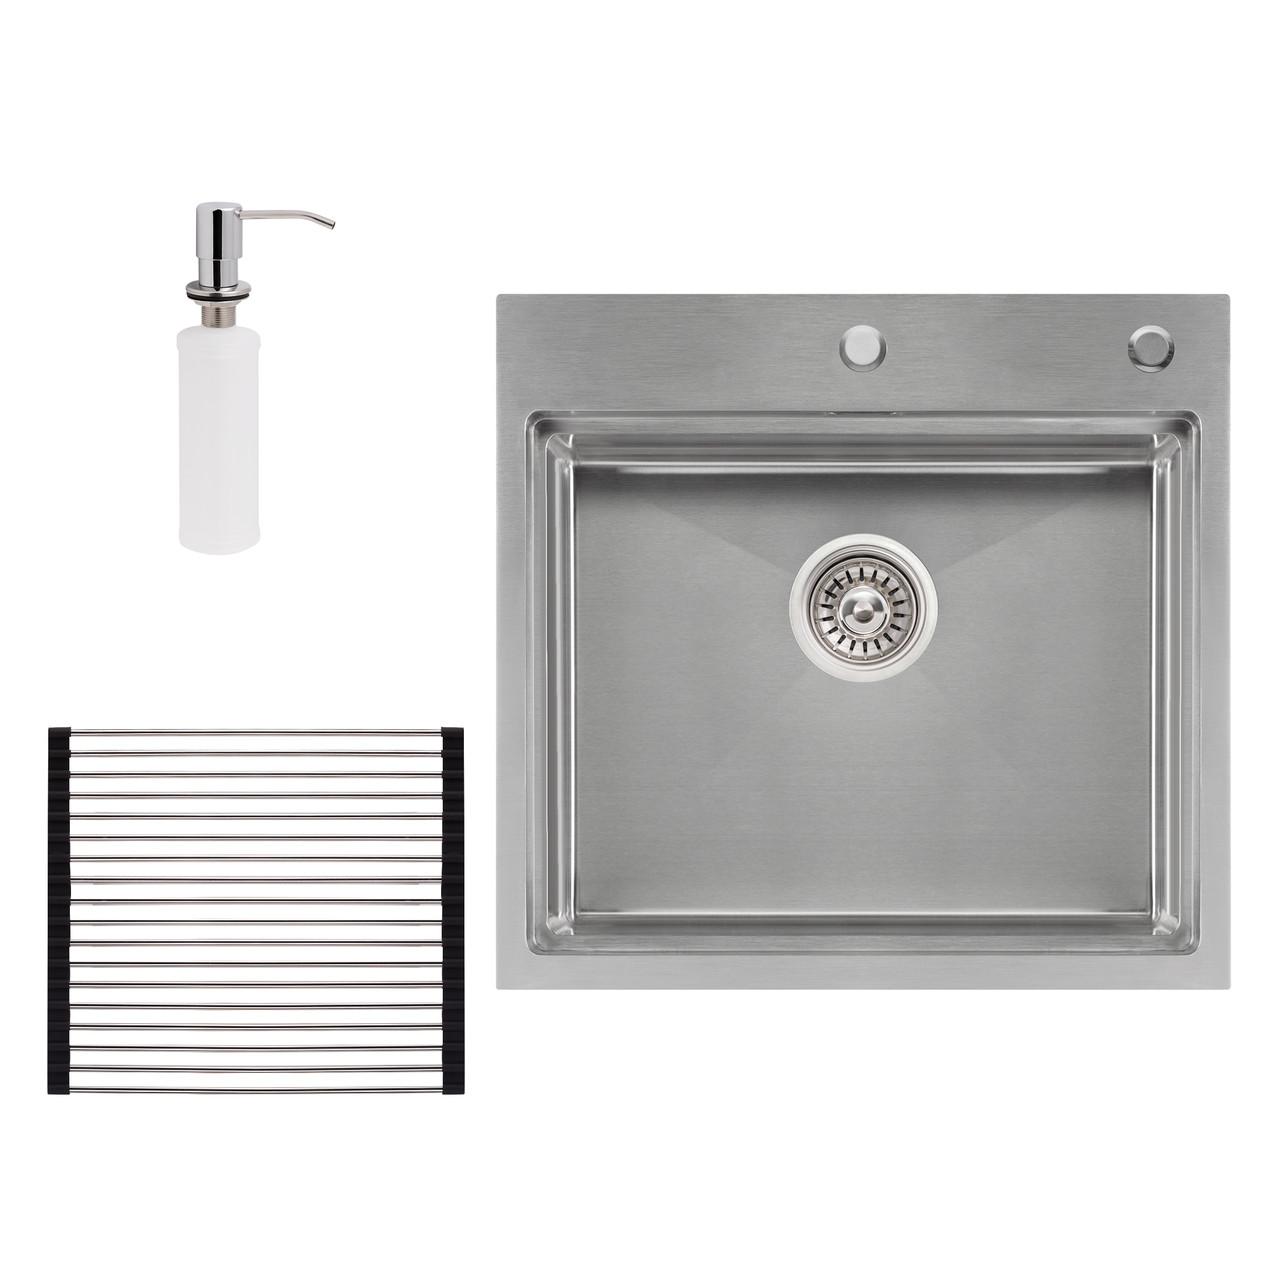 Набір 3 в 1 Qtap кухонна мийка DH5050 3.0/1.2 мм Satin + сушарка + дозатор для миючого засобу